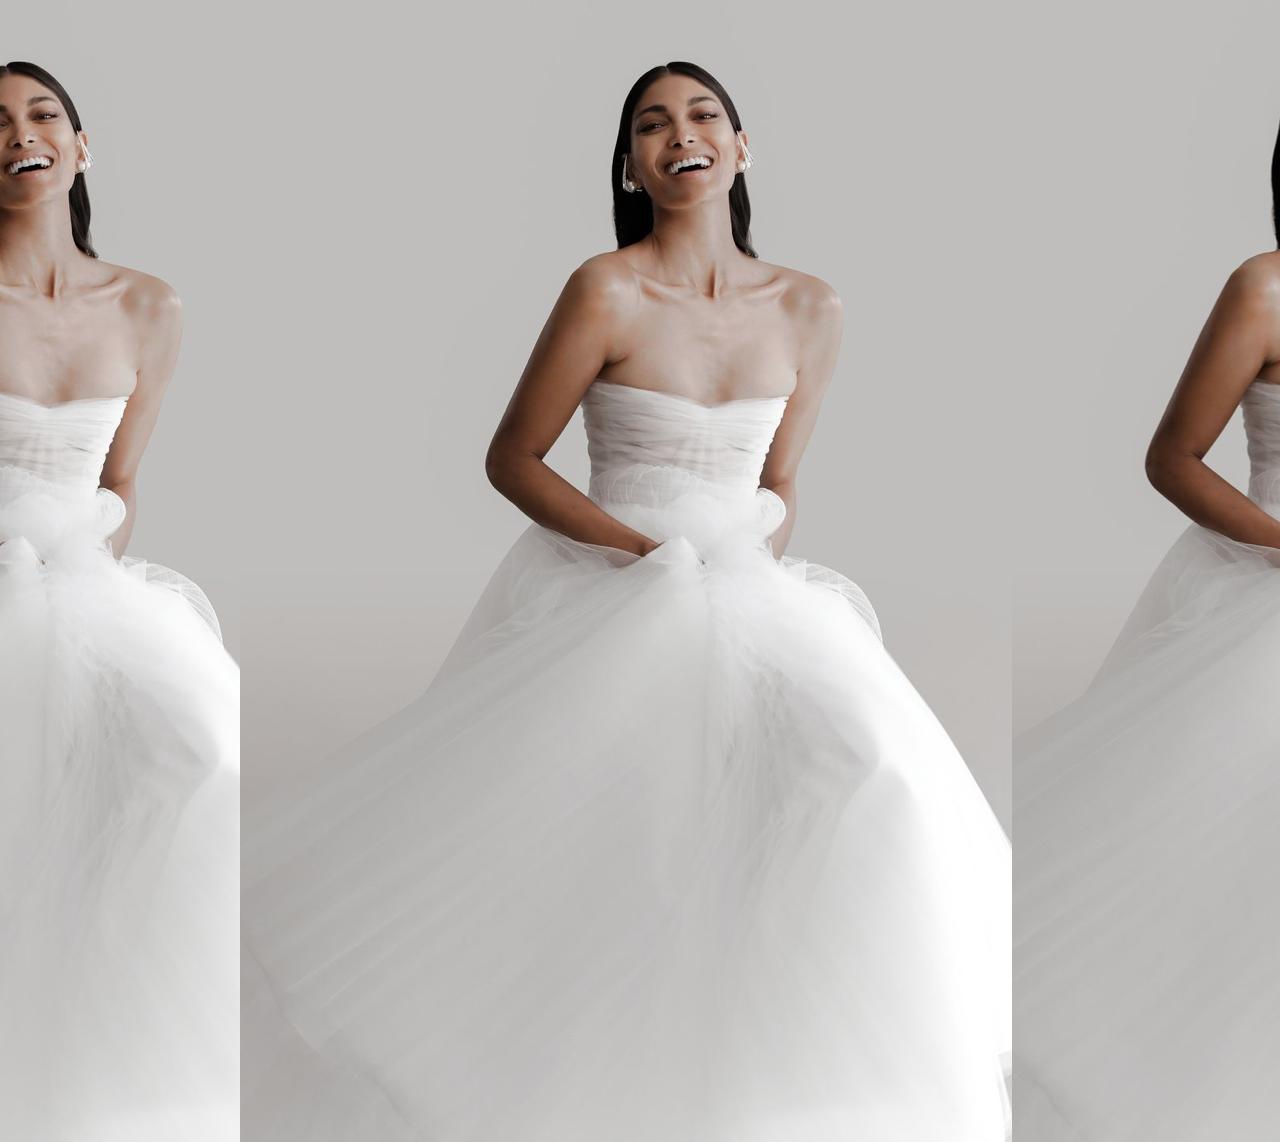 Prabal Gurung lanza su primera colección para novias inspirada en el coraje y optimismo